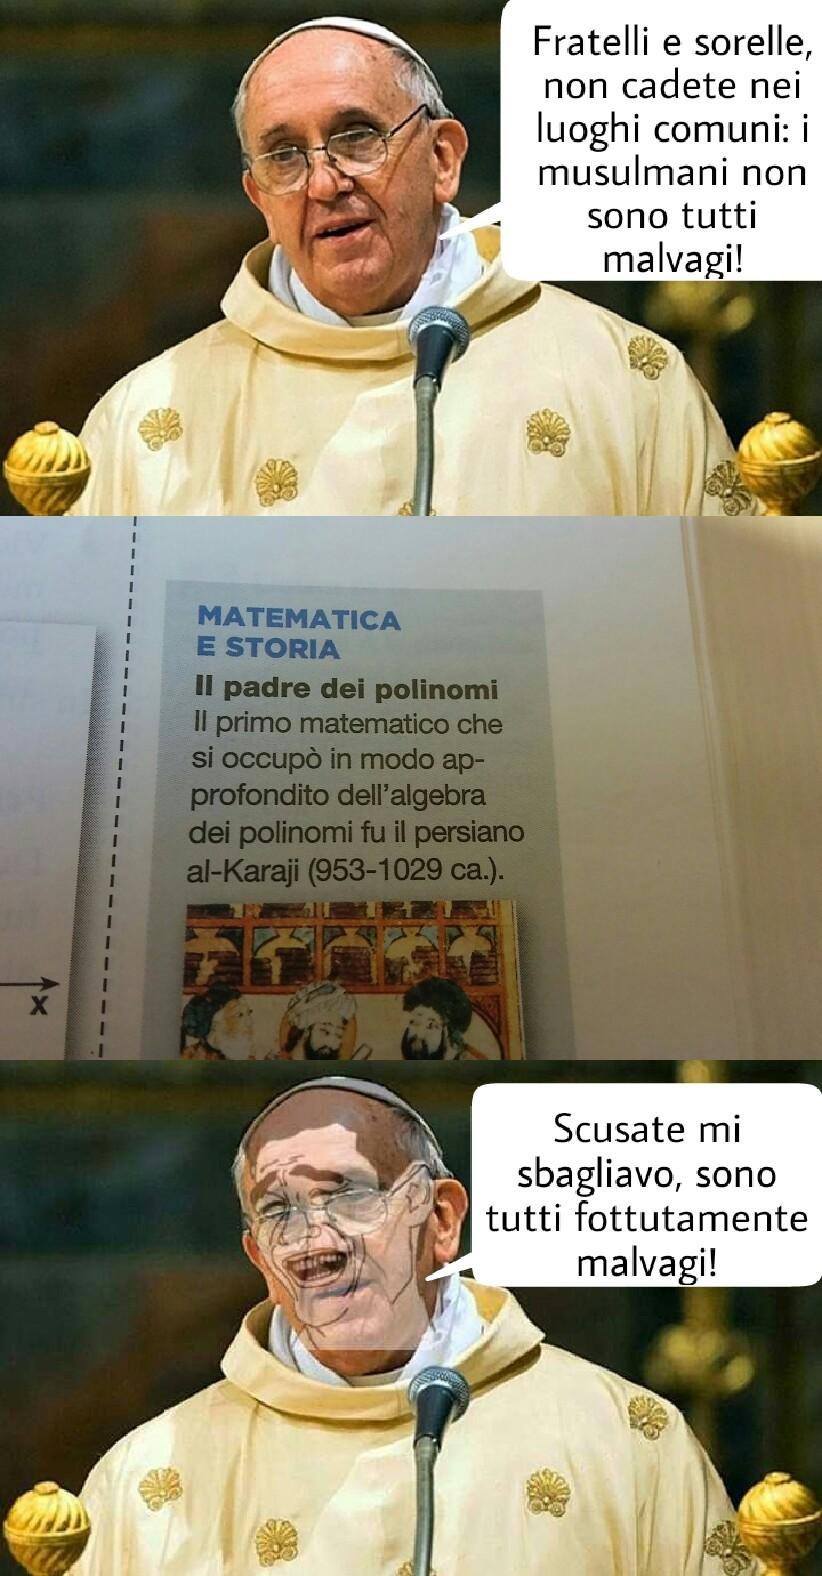 Il papa mi ha dato un paio di idee così a bruciapelo - meme